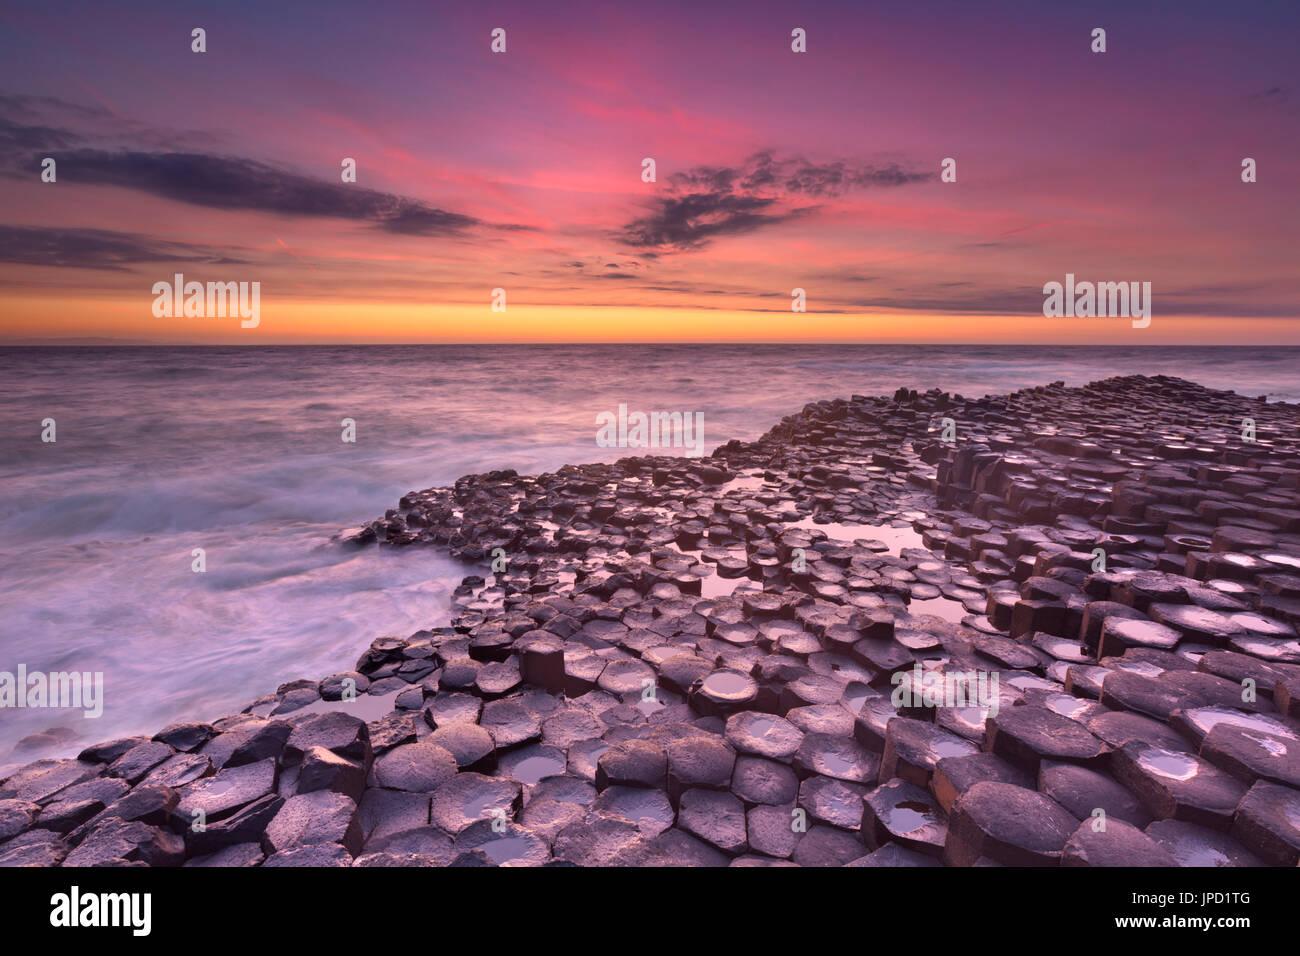 Coucher de soleil sur la roche de basalte de la Chaussée des géants sur la côte nord de l'Irlande du Nord. Banque D'Images